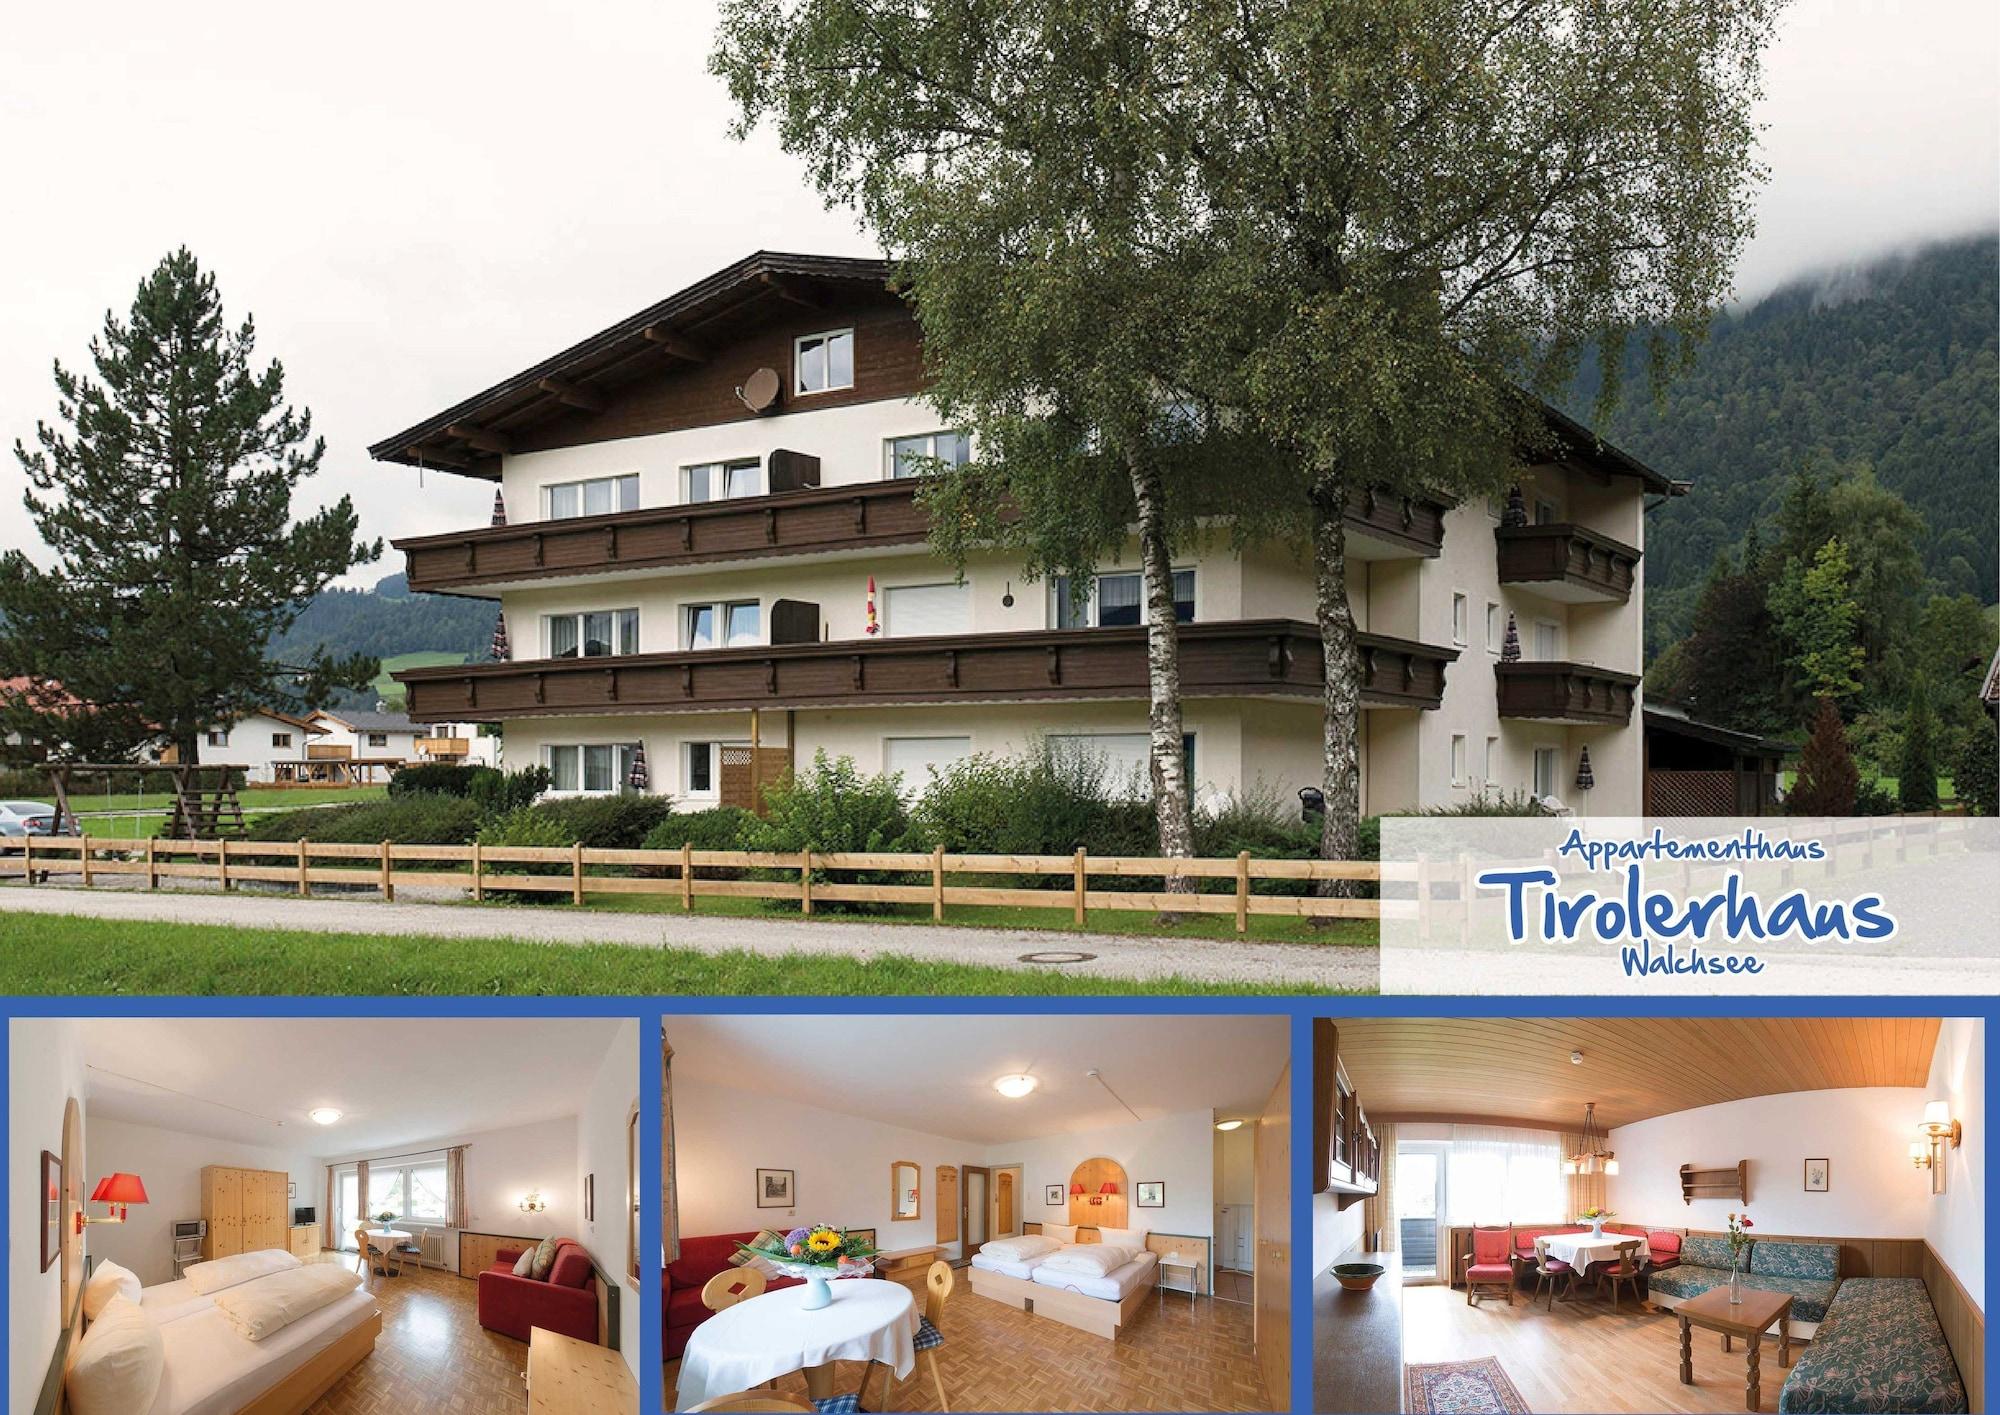 Tirolerhaus Walchsee, Kufstein